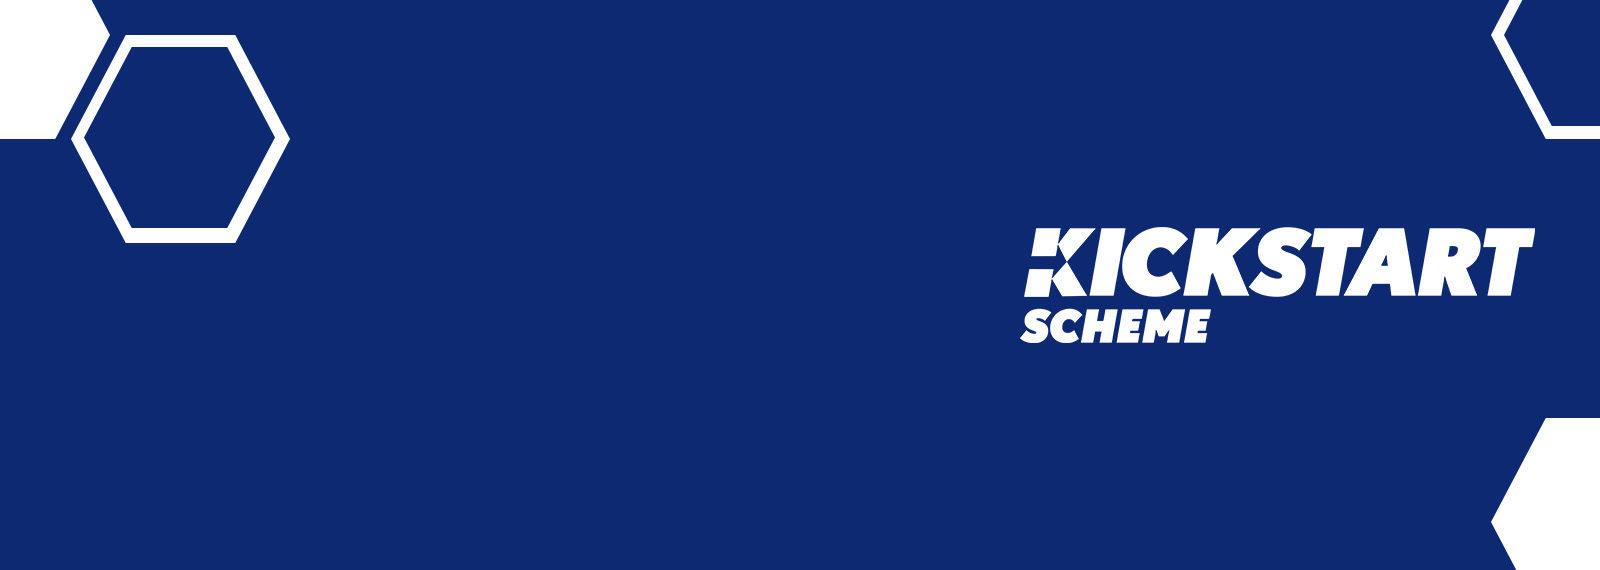 Test-KS-banner-2-1600x570